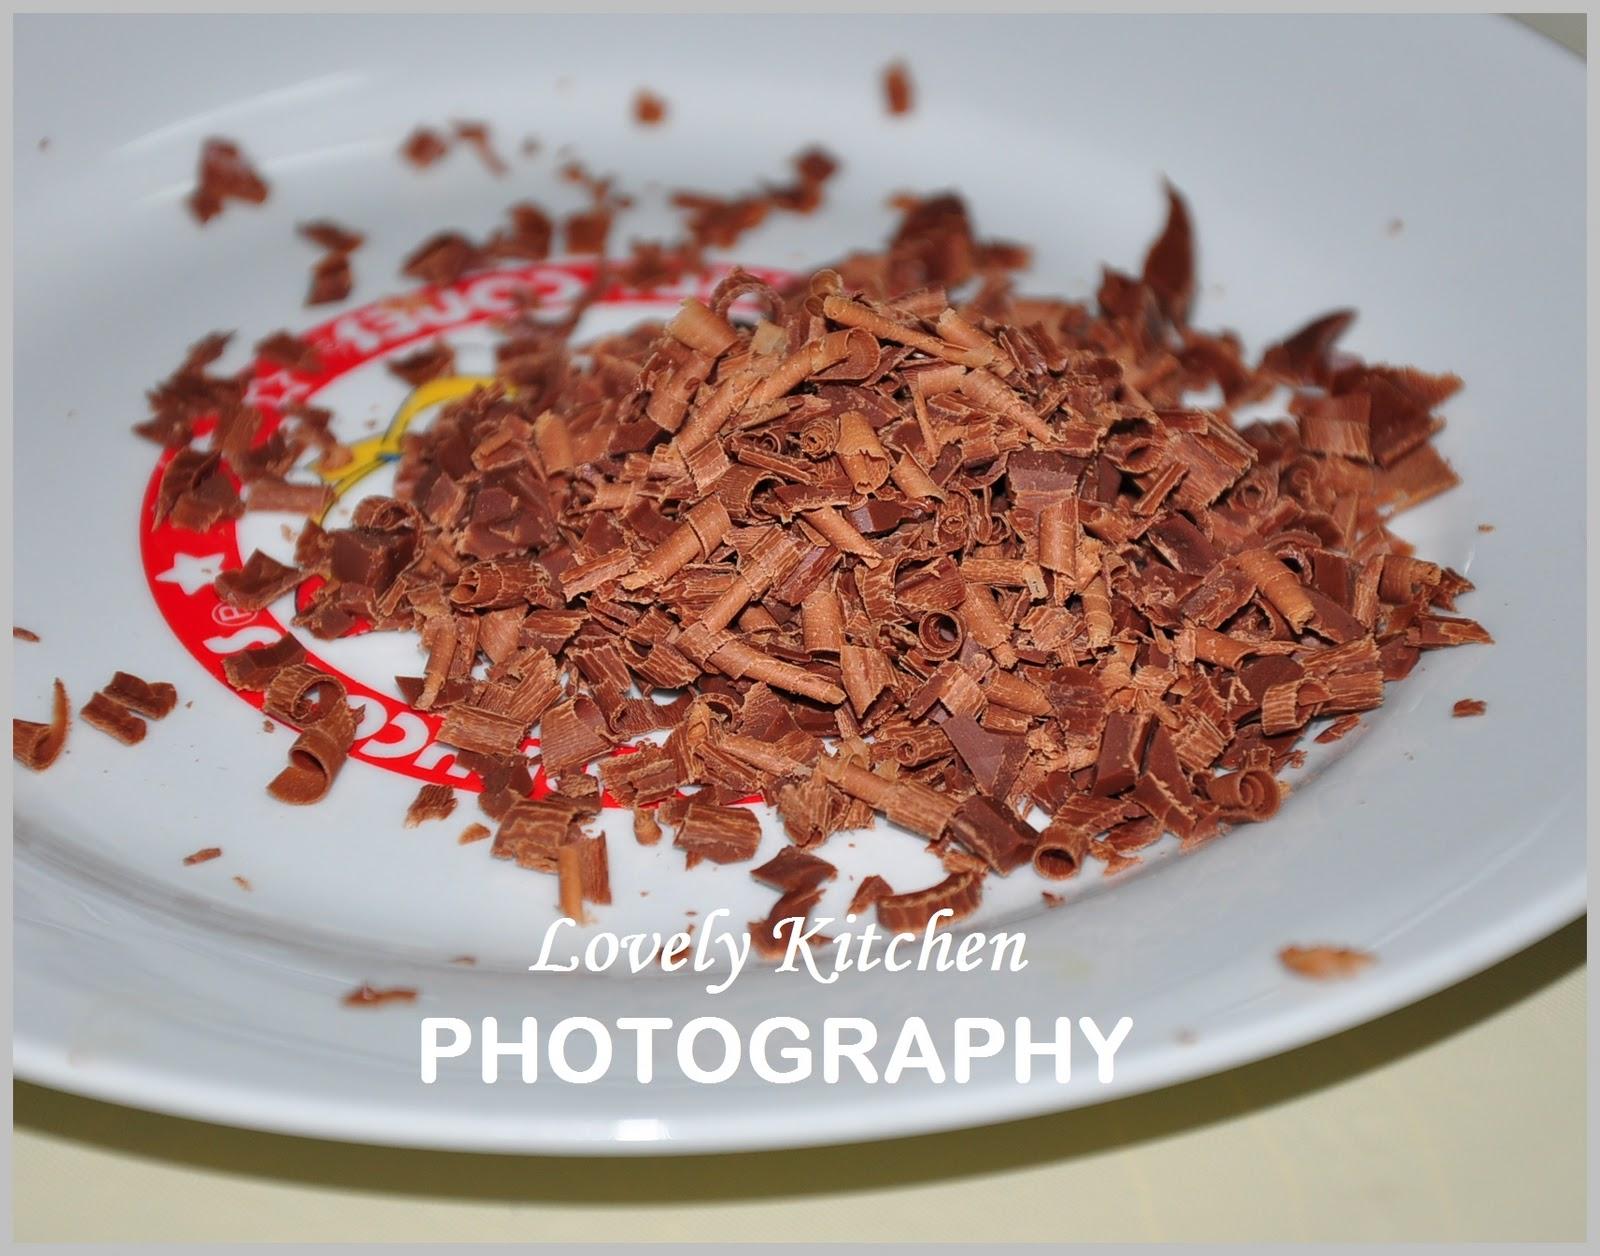 E Na Lovely Kitchen September 2011